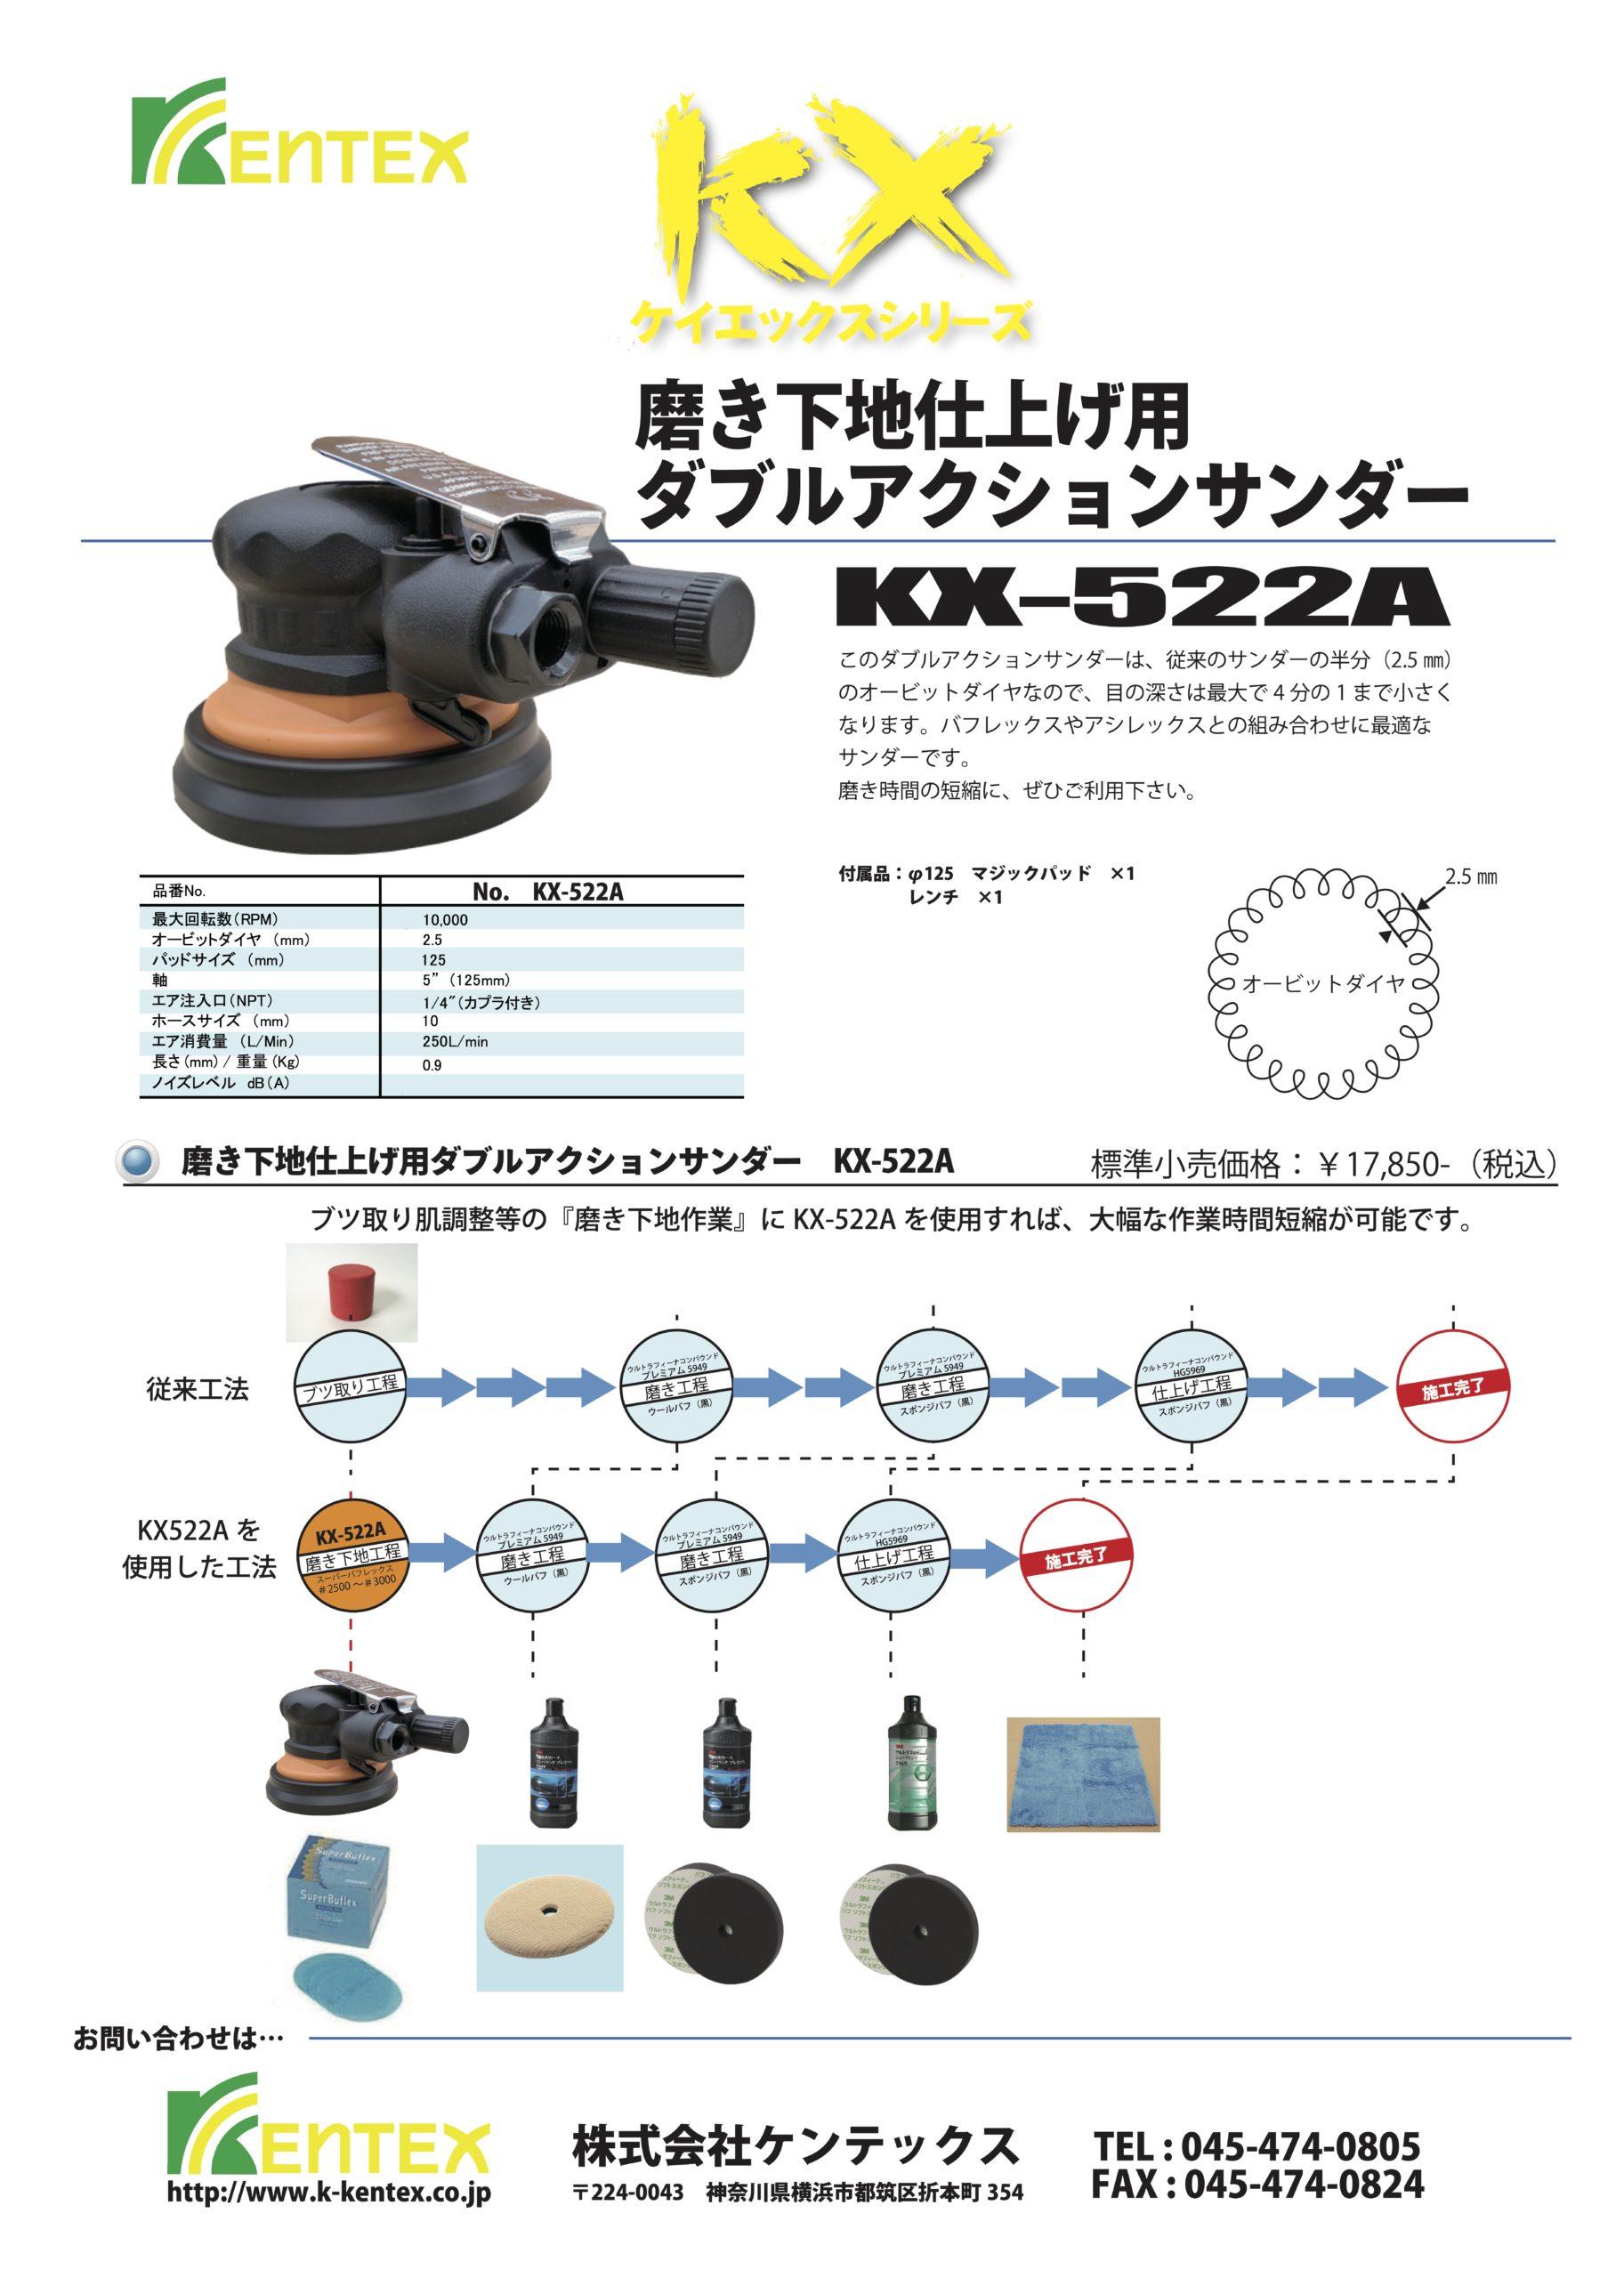 KX-522Aの説明用チラシです。